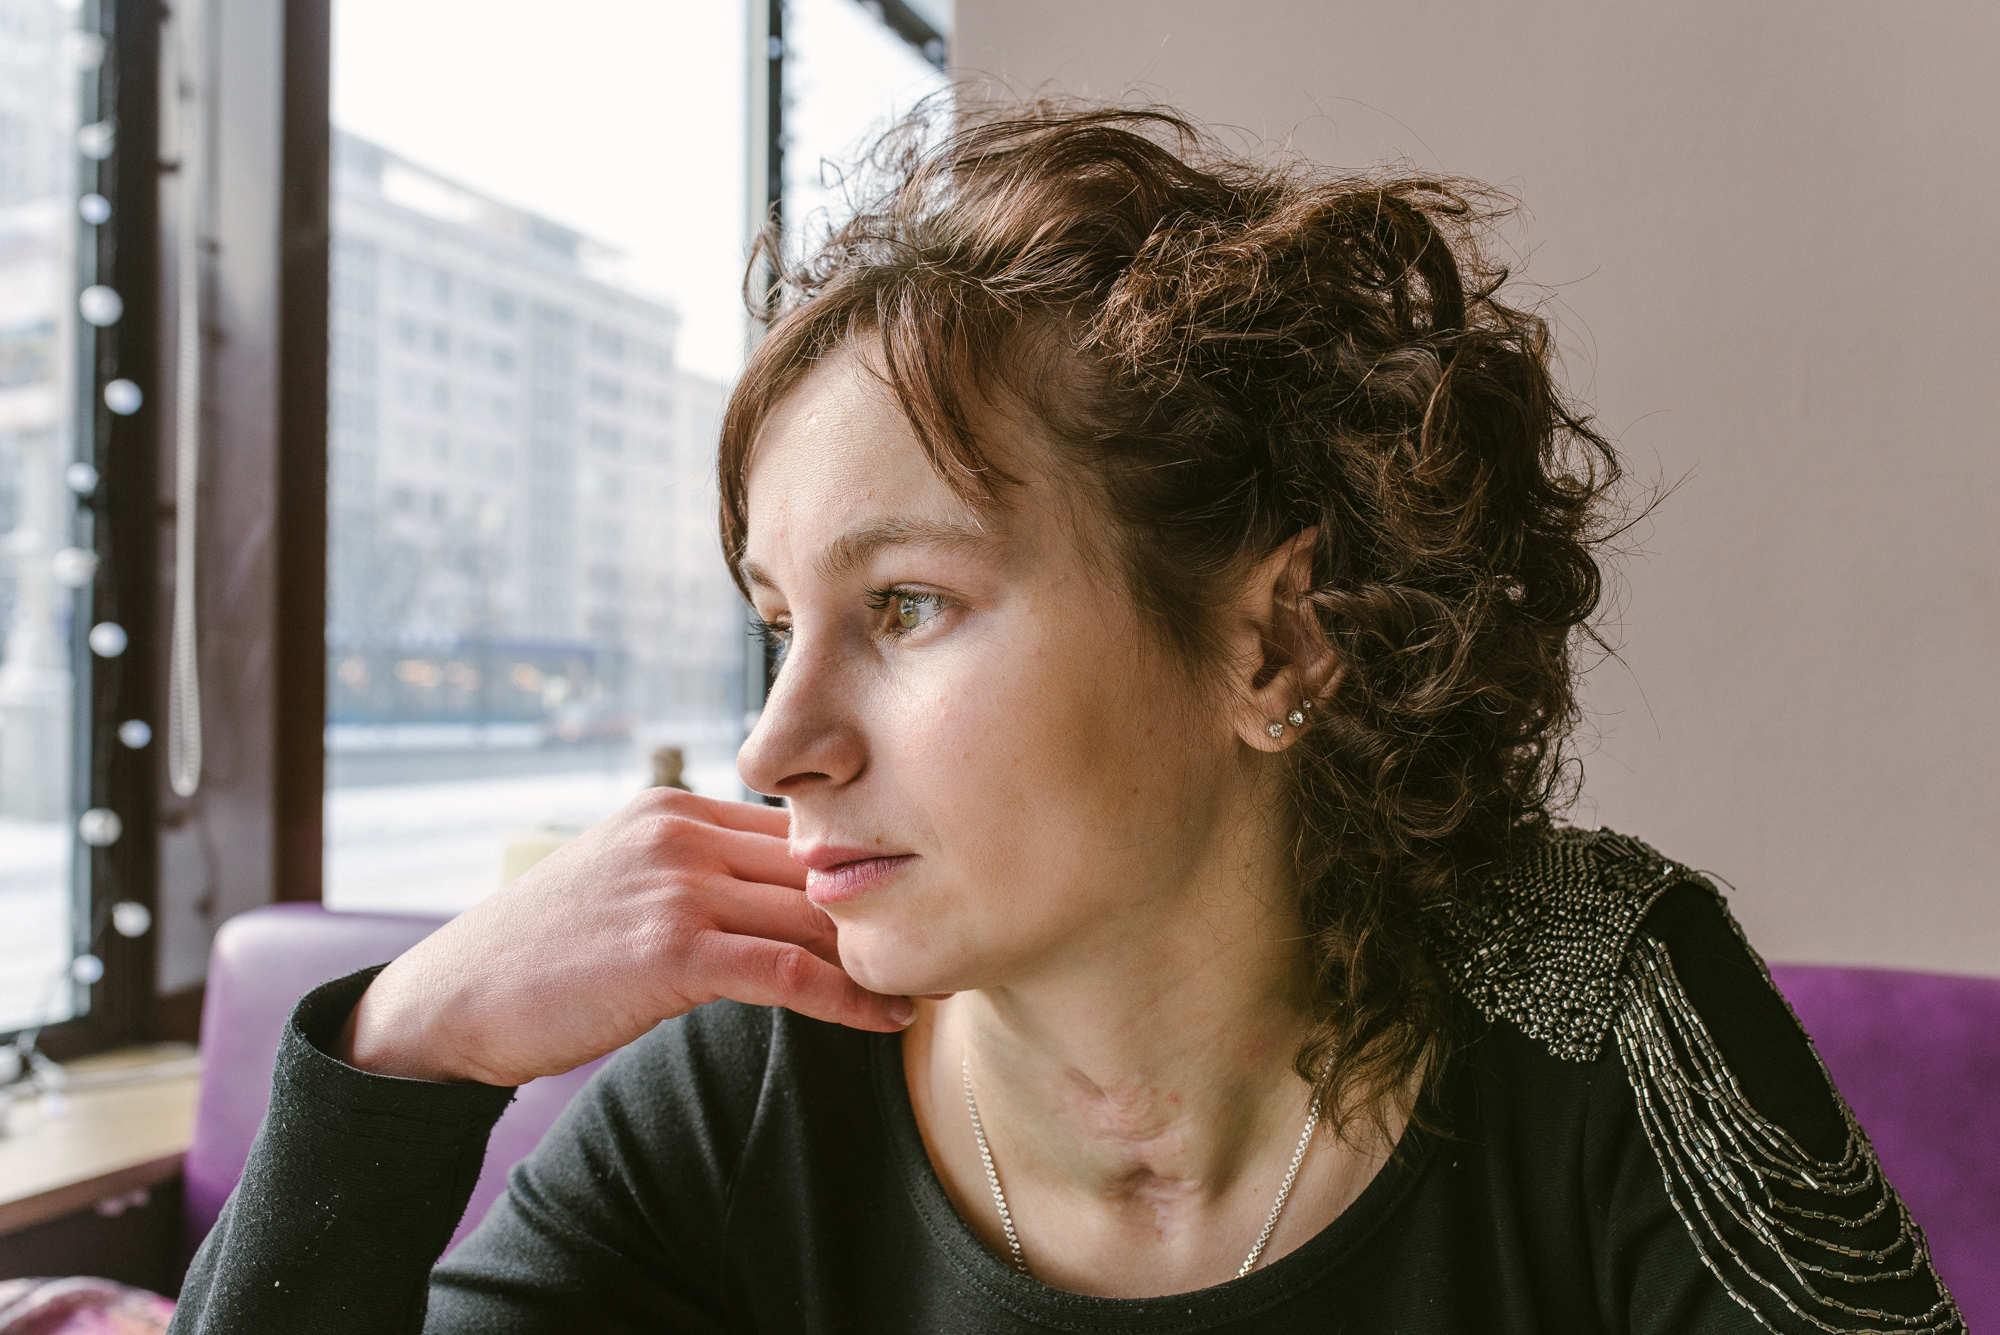 Чтобы Алеся могла дышать, восемь раз ей ставили трахеостому. На шее остались после этого шрамы.